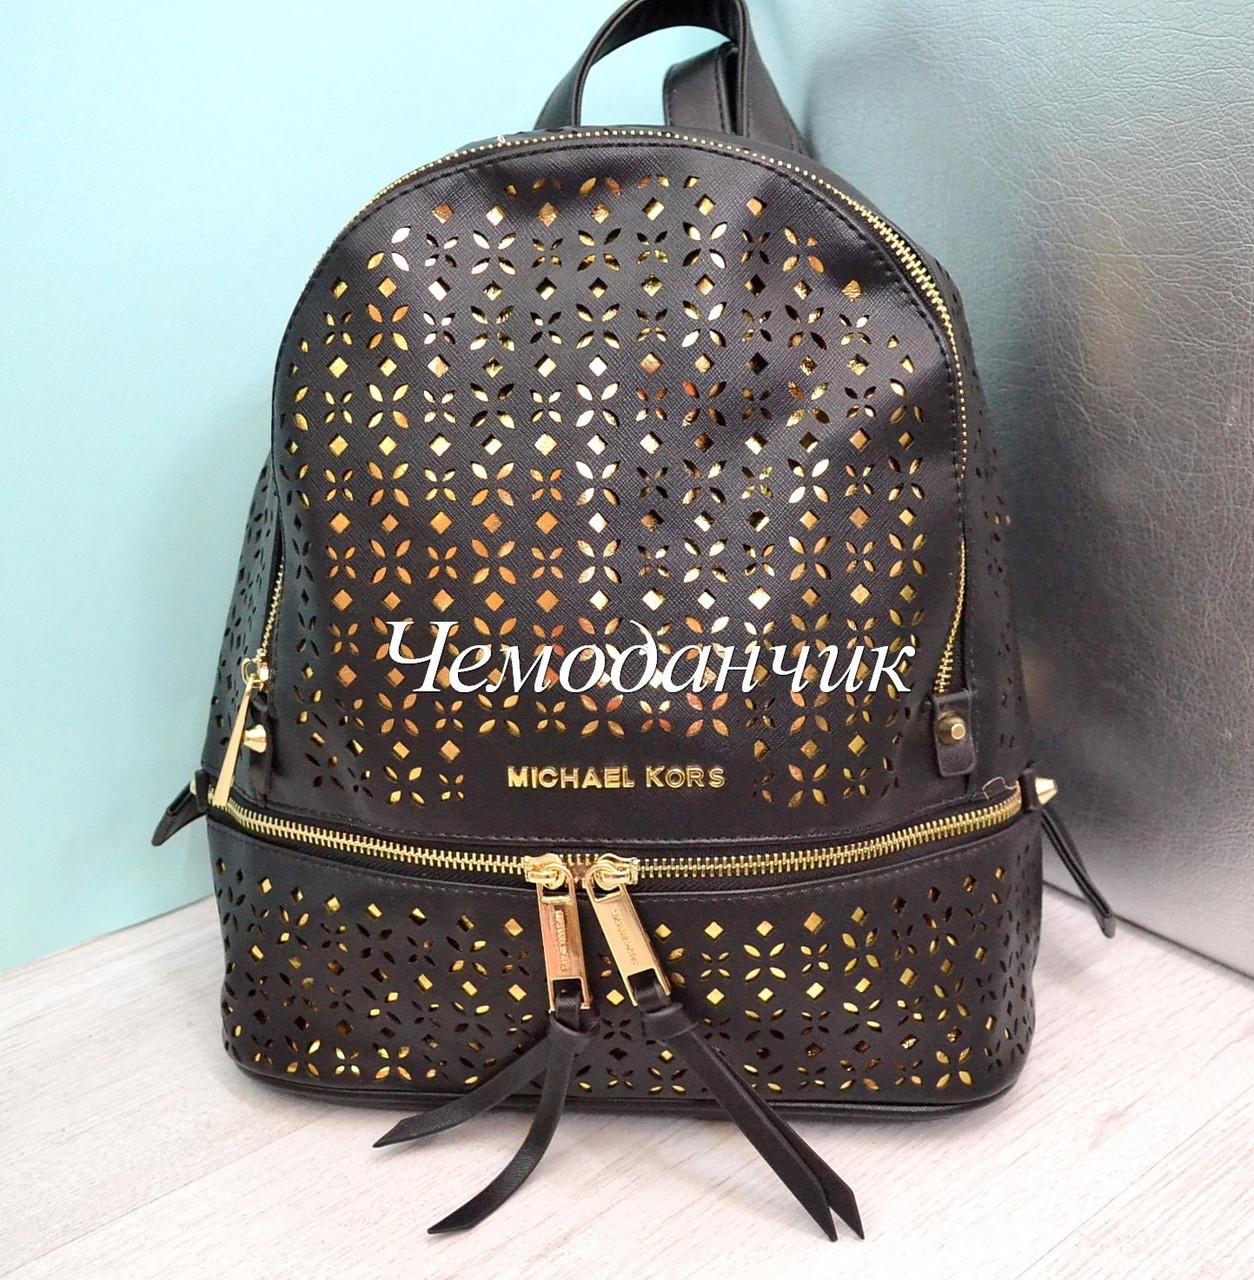 ba7cf974737b Рюкзак MICHAEL KORS Майкл Корс перфорация в цветах - ЧЕМОДАНЧИК - самые  красивые сумочки по самой